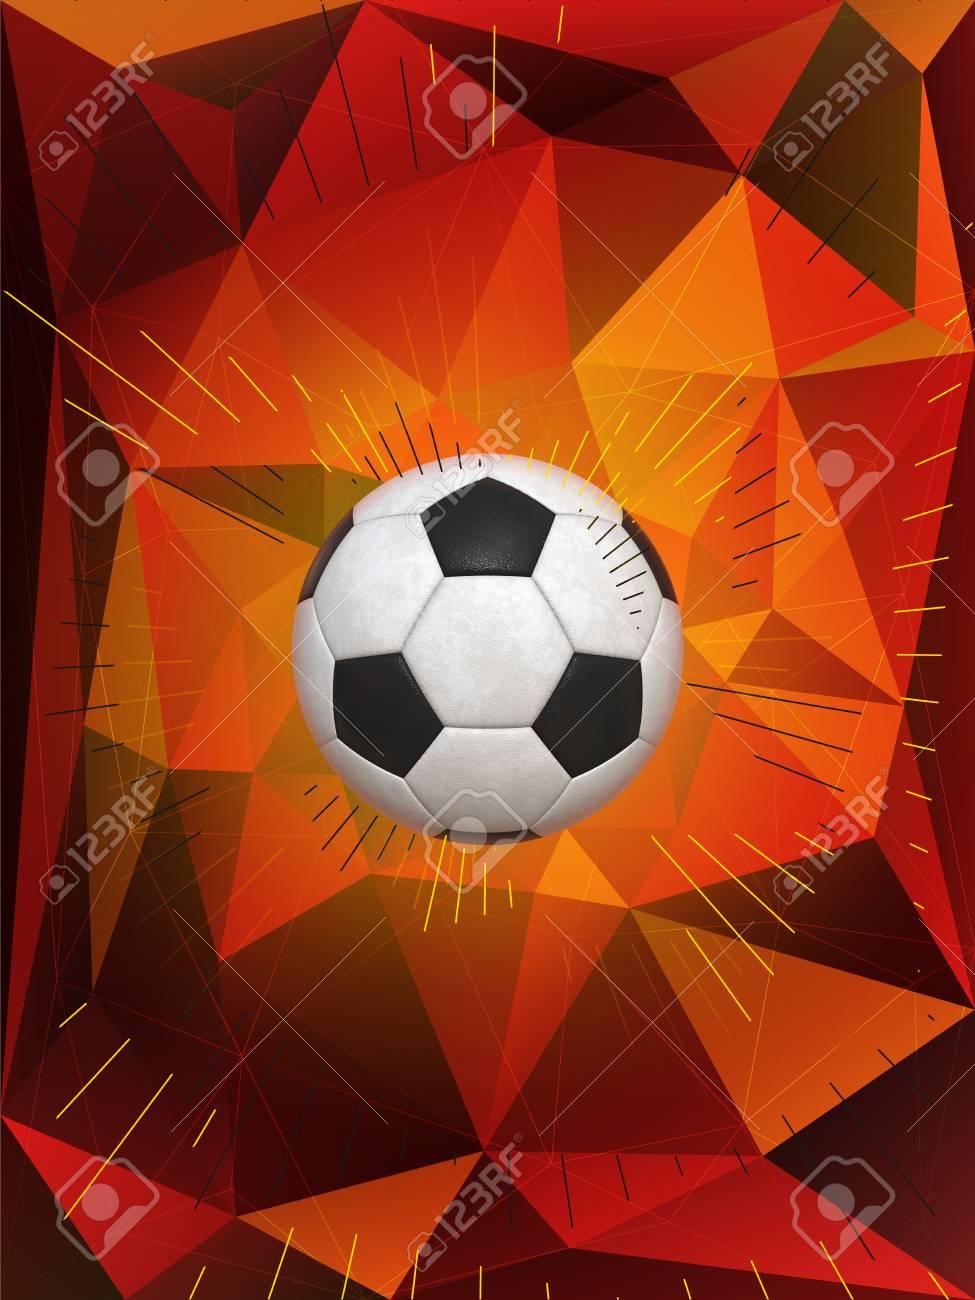 Fußball über Polygonal Dynamische Hintergrund Mit Farben Der ...